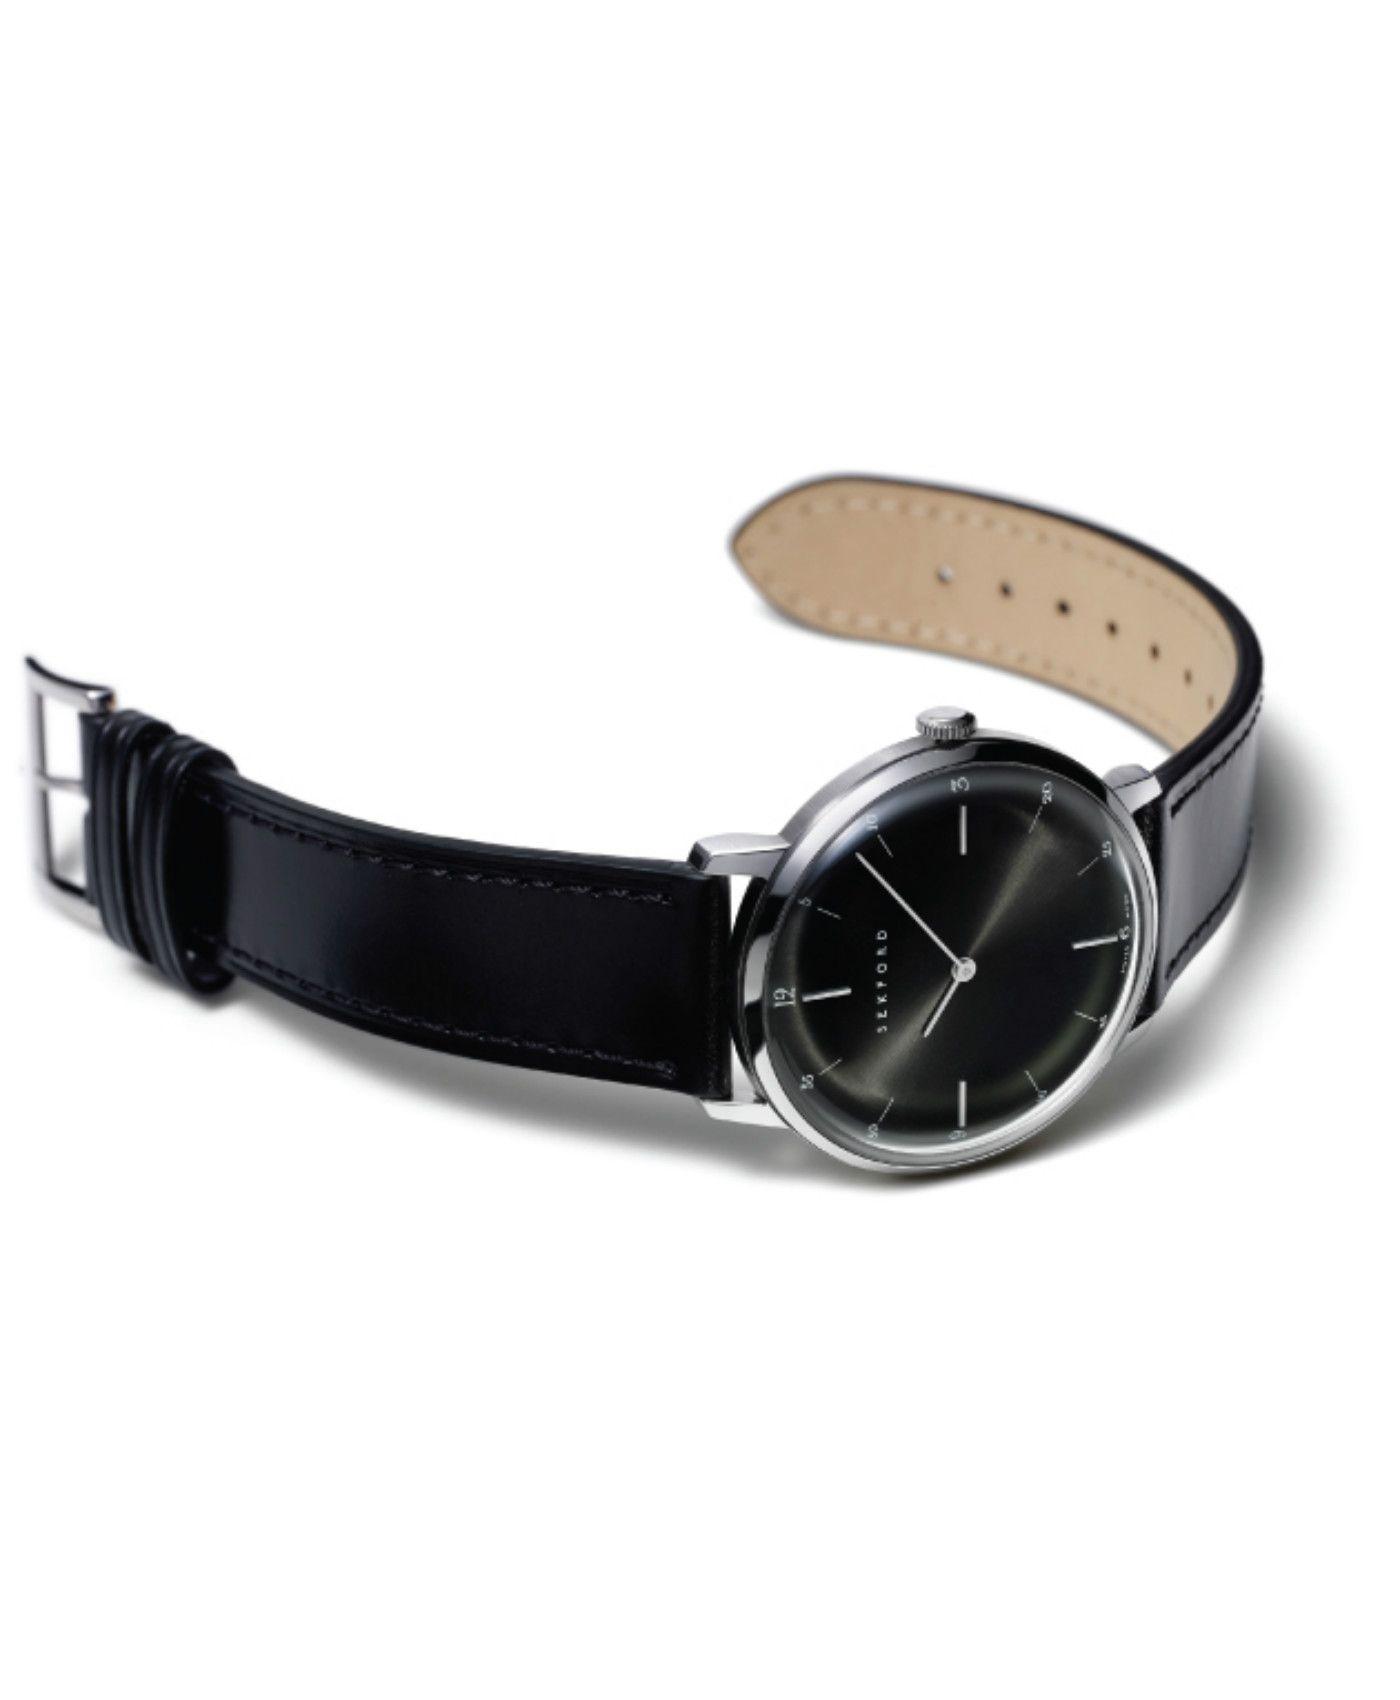 Sekford Type 1a Sek004 Uhr Unsere Uhren Luxury Watches